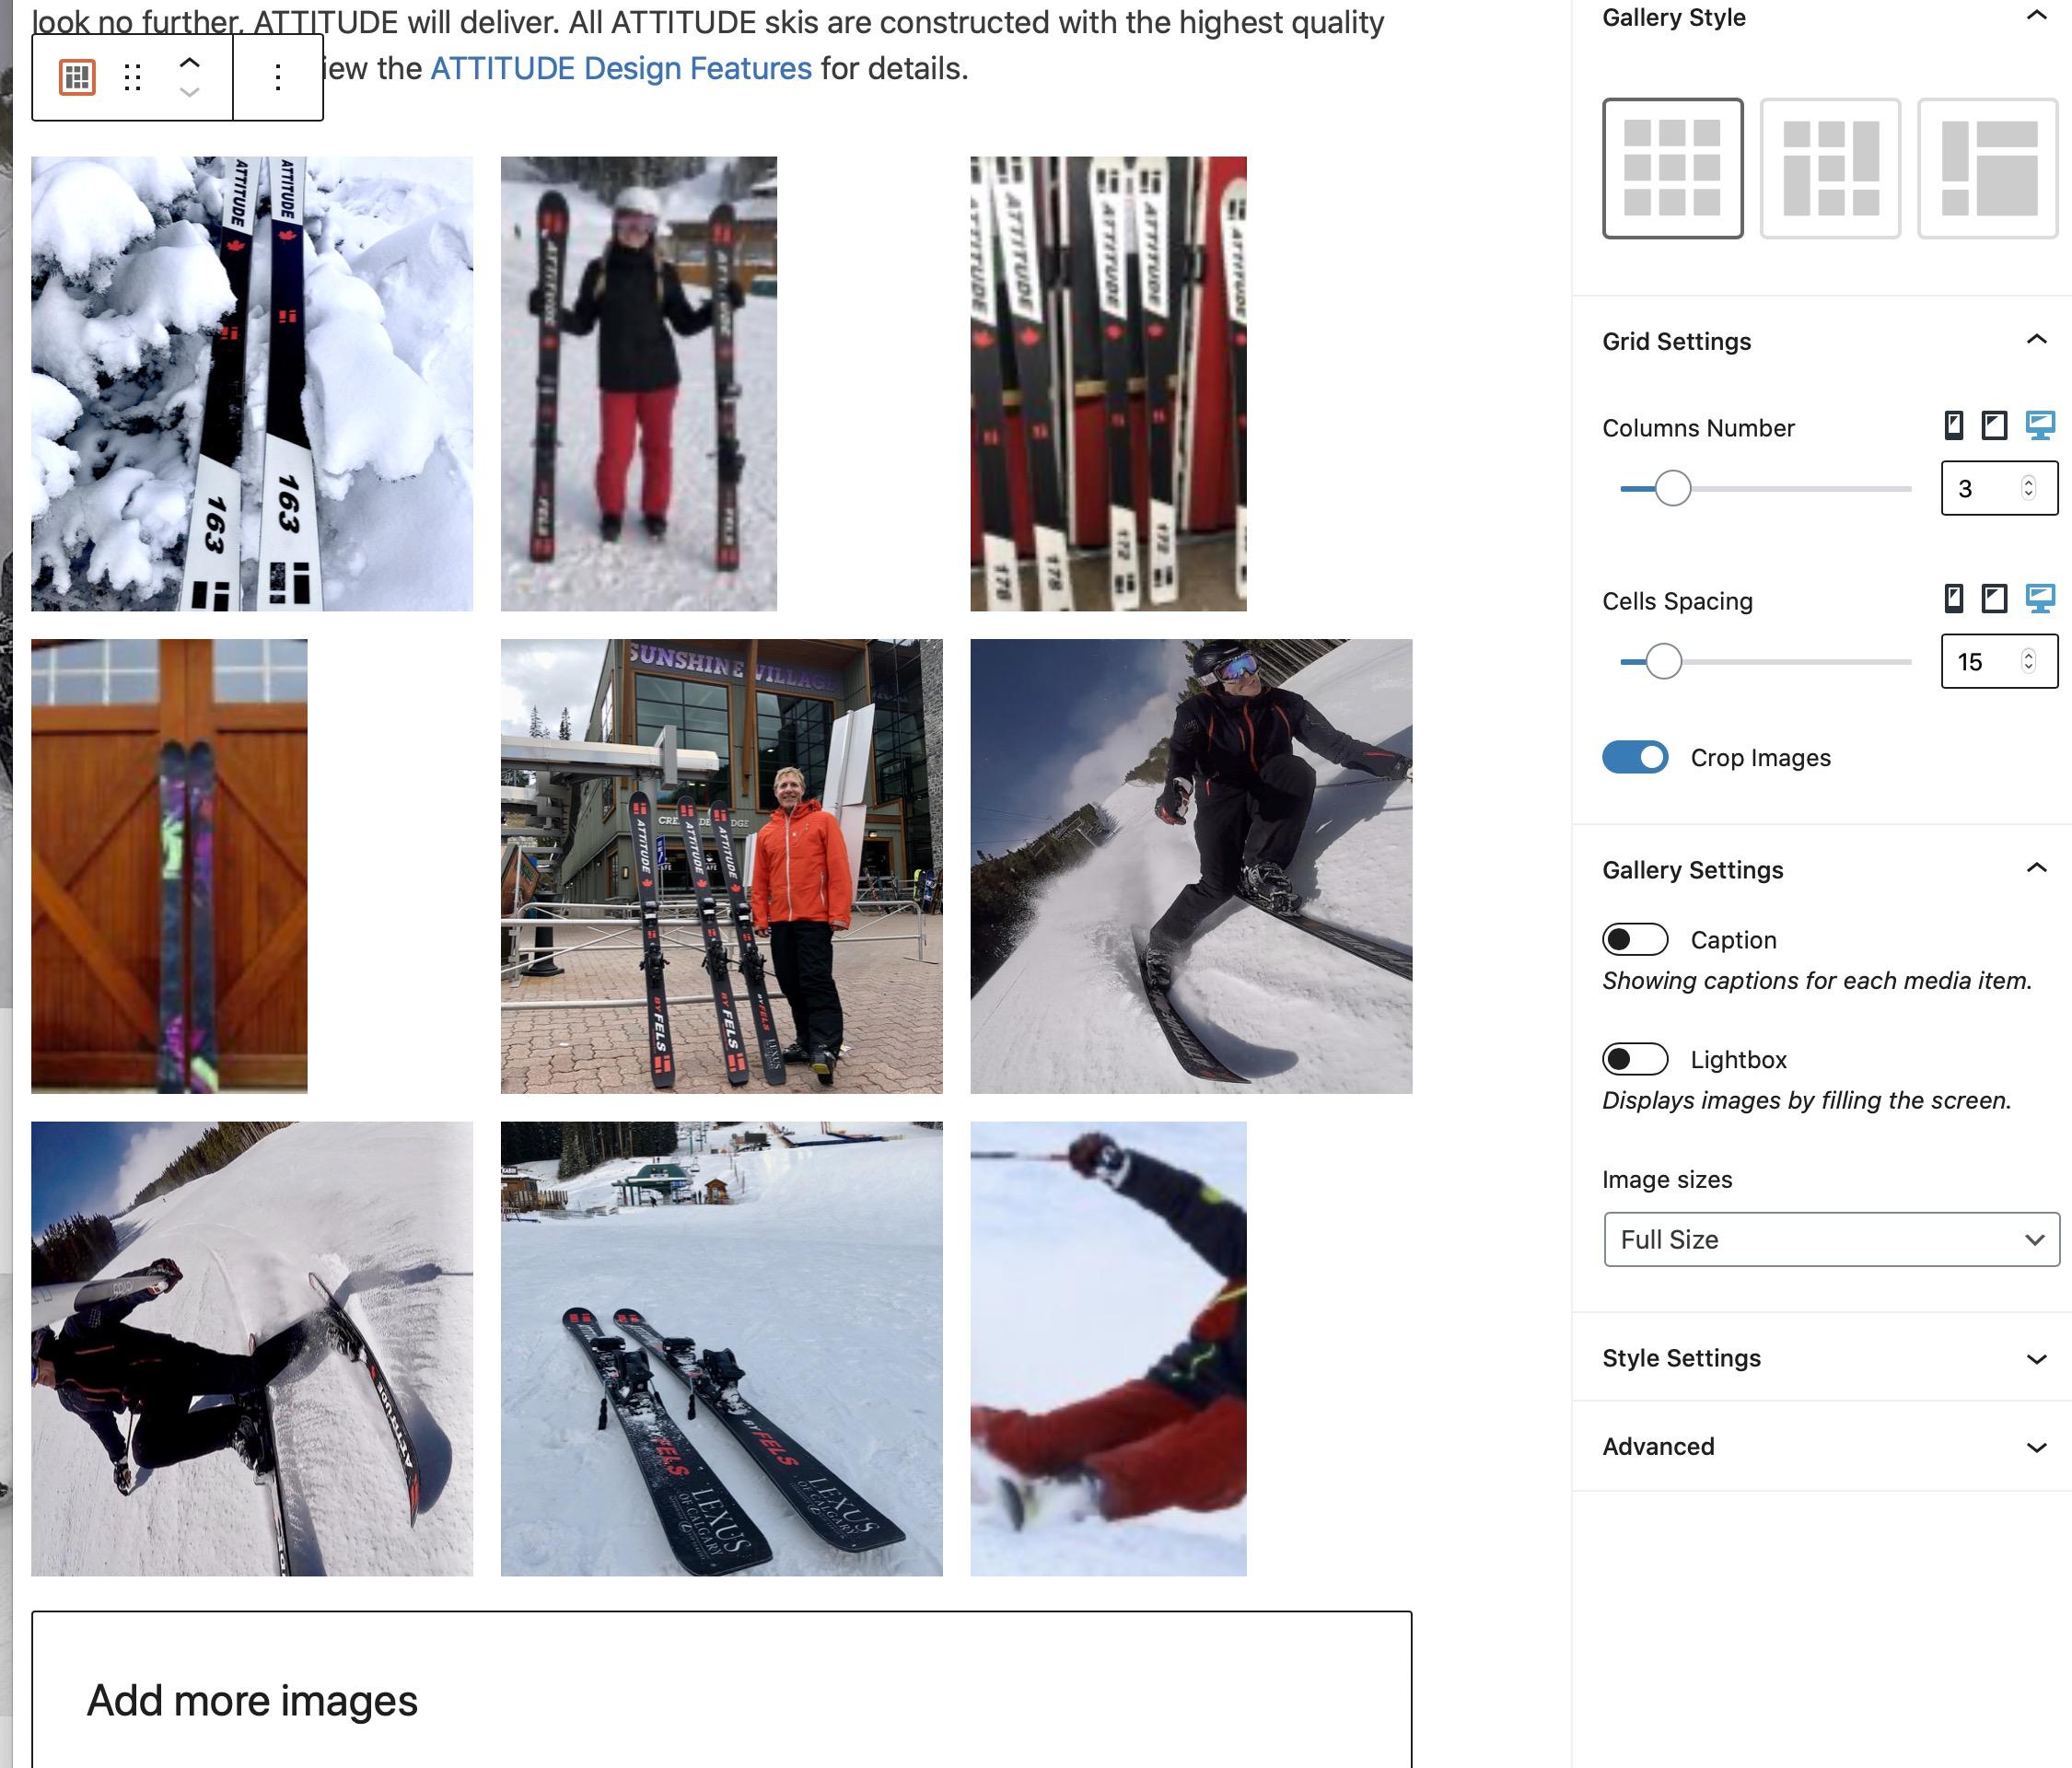 Gallery-Grid-cropped-wrong.jpg